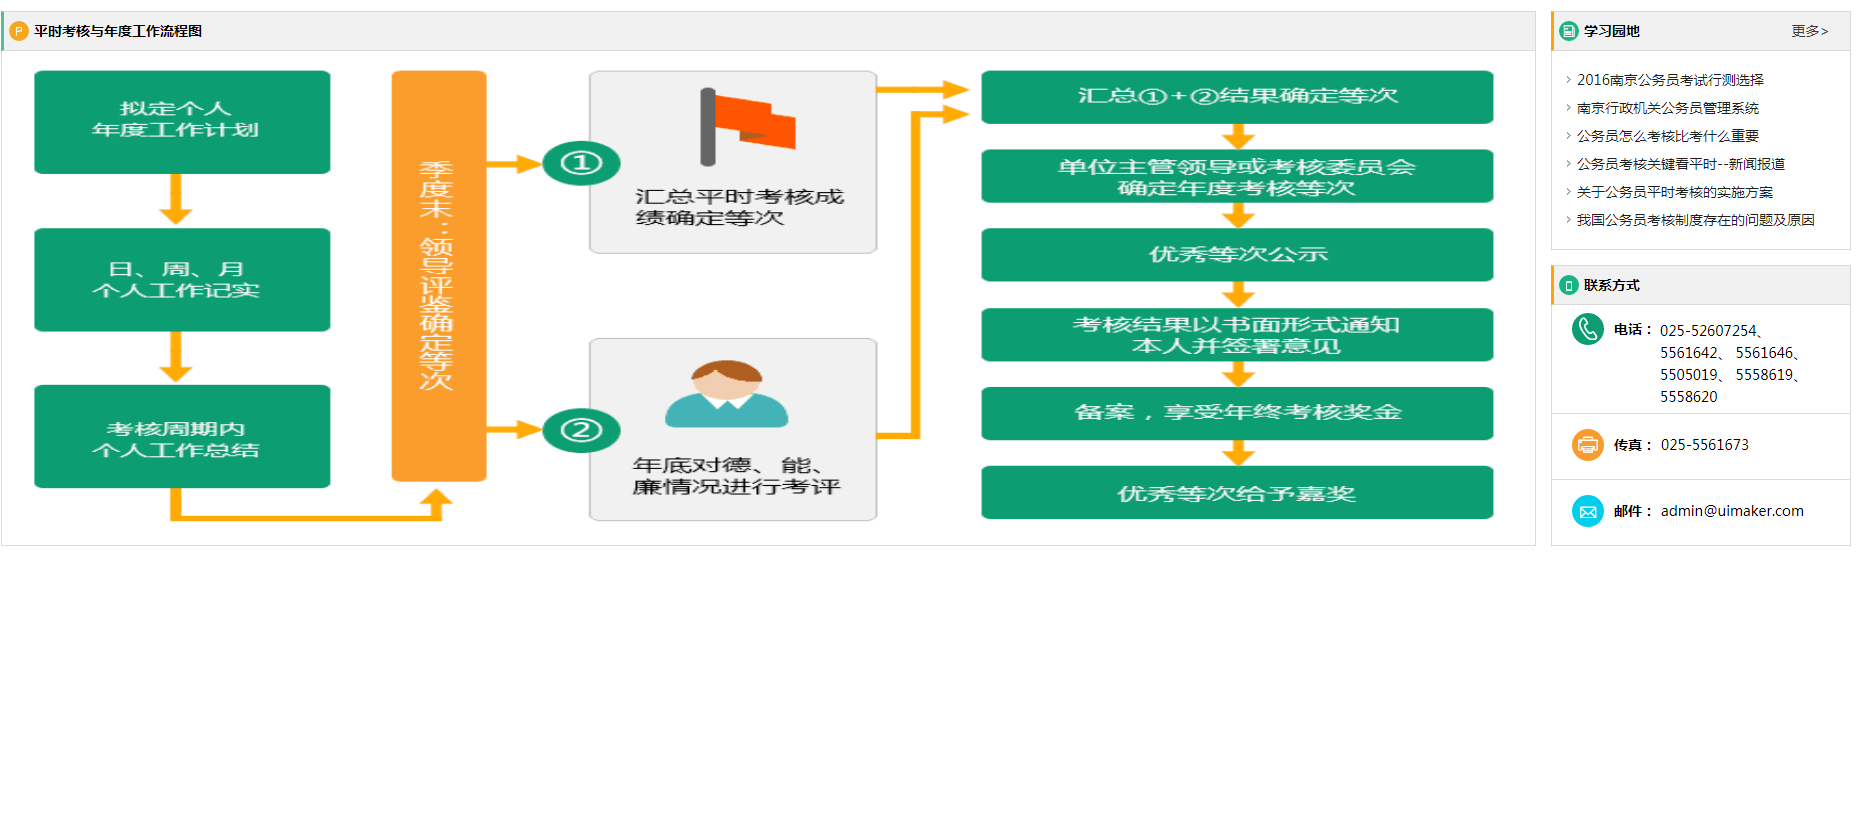 工作信息考核管理模板